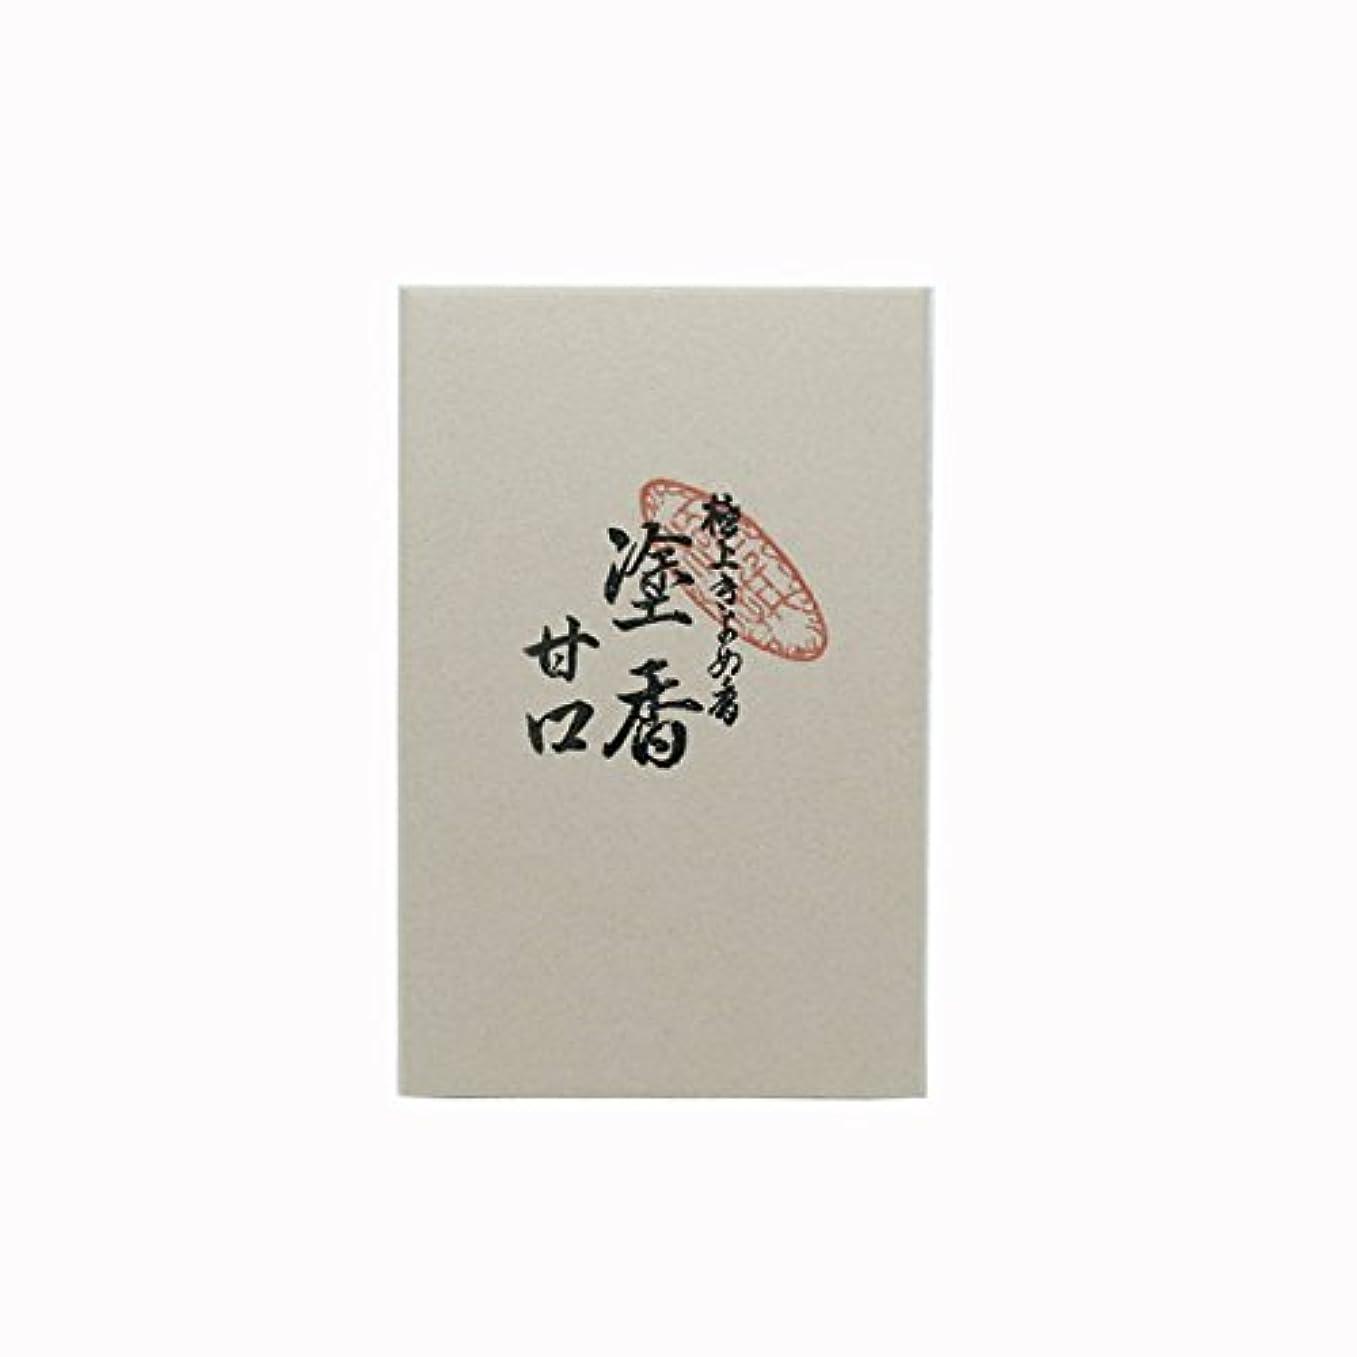 非公式シャンプー含める塗香(甘口) 12g入